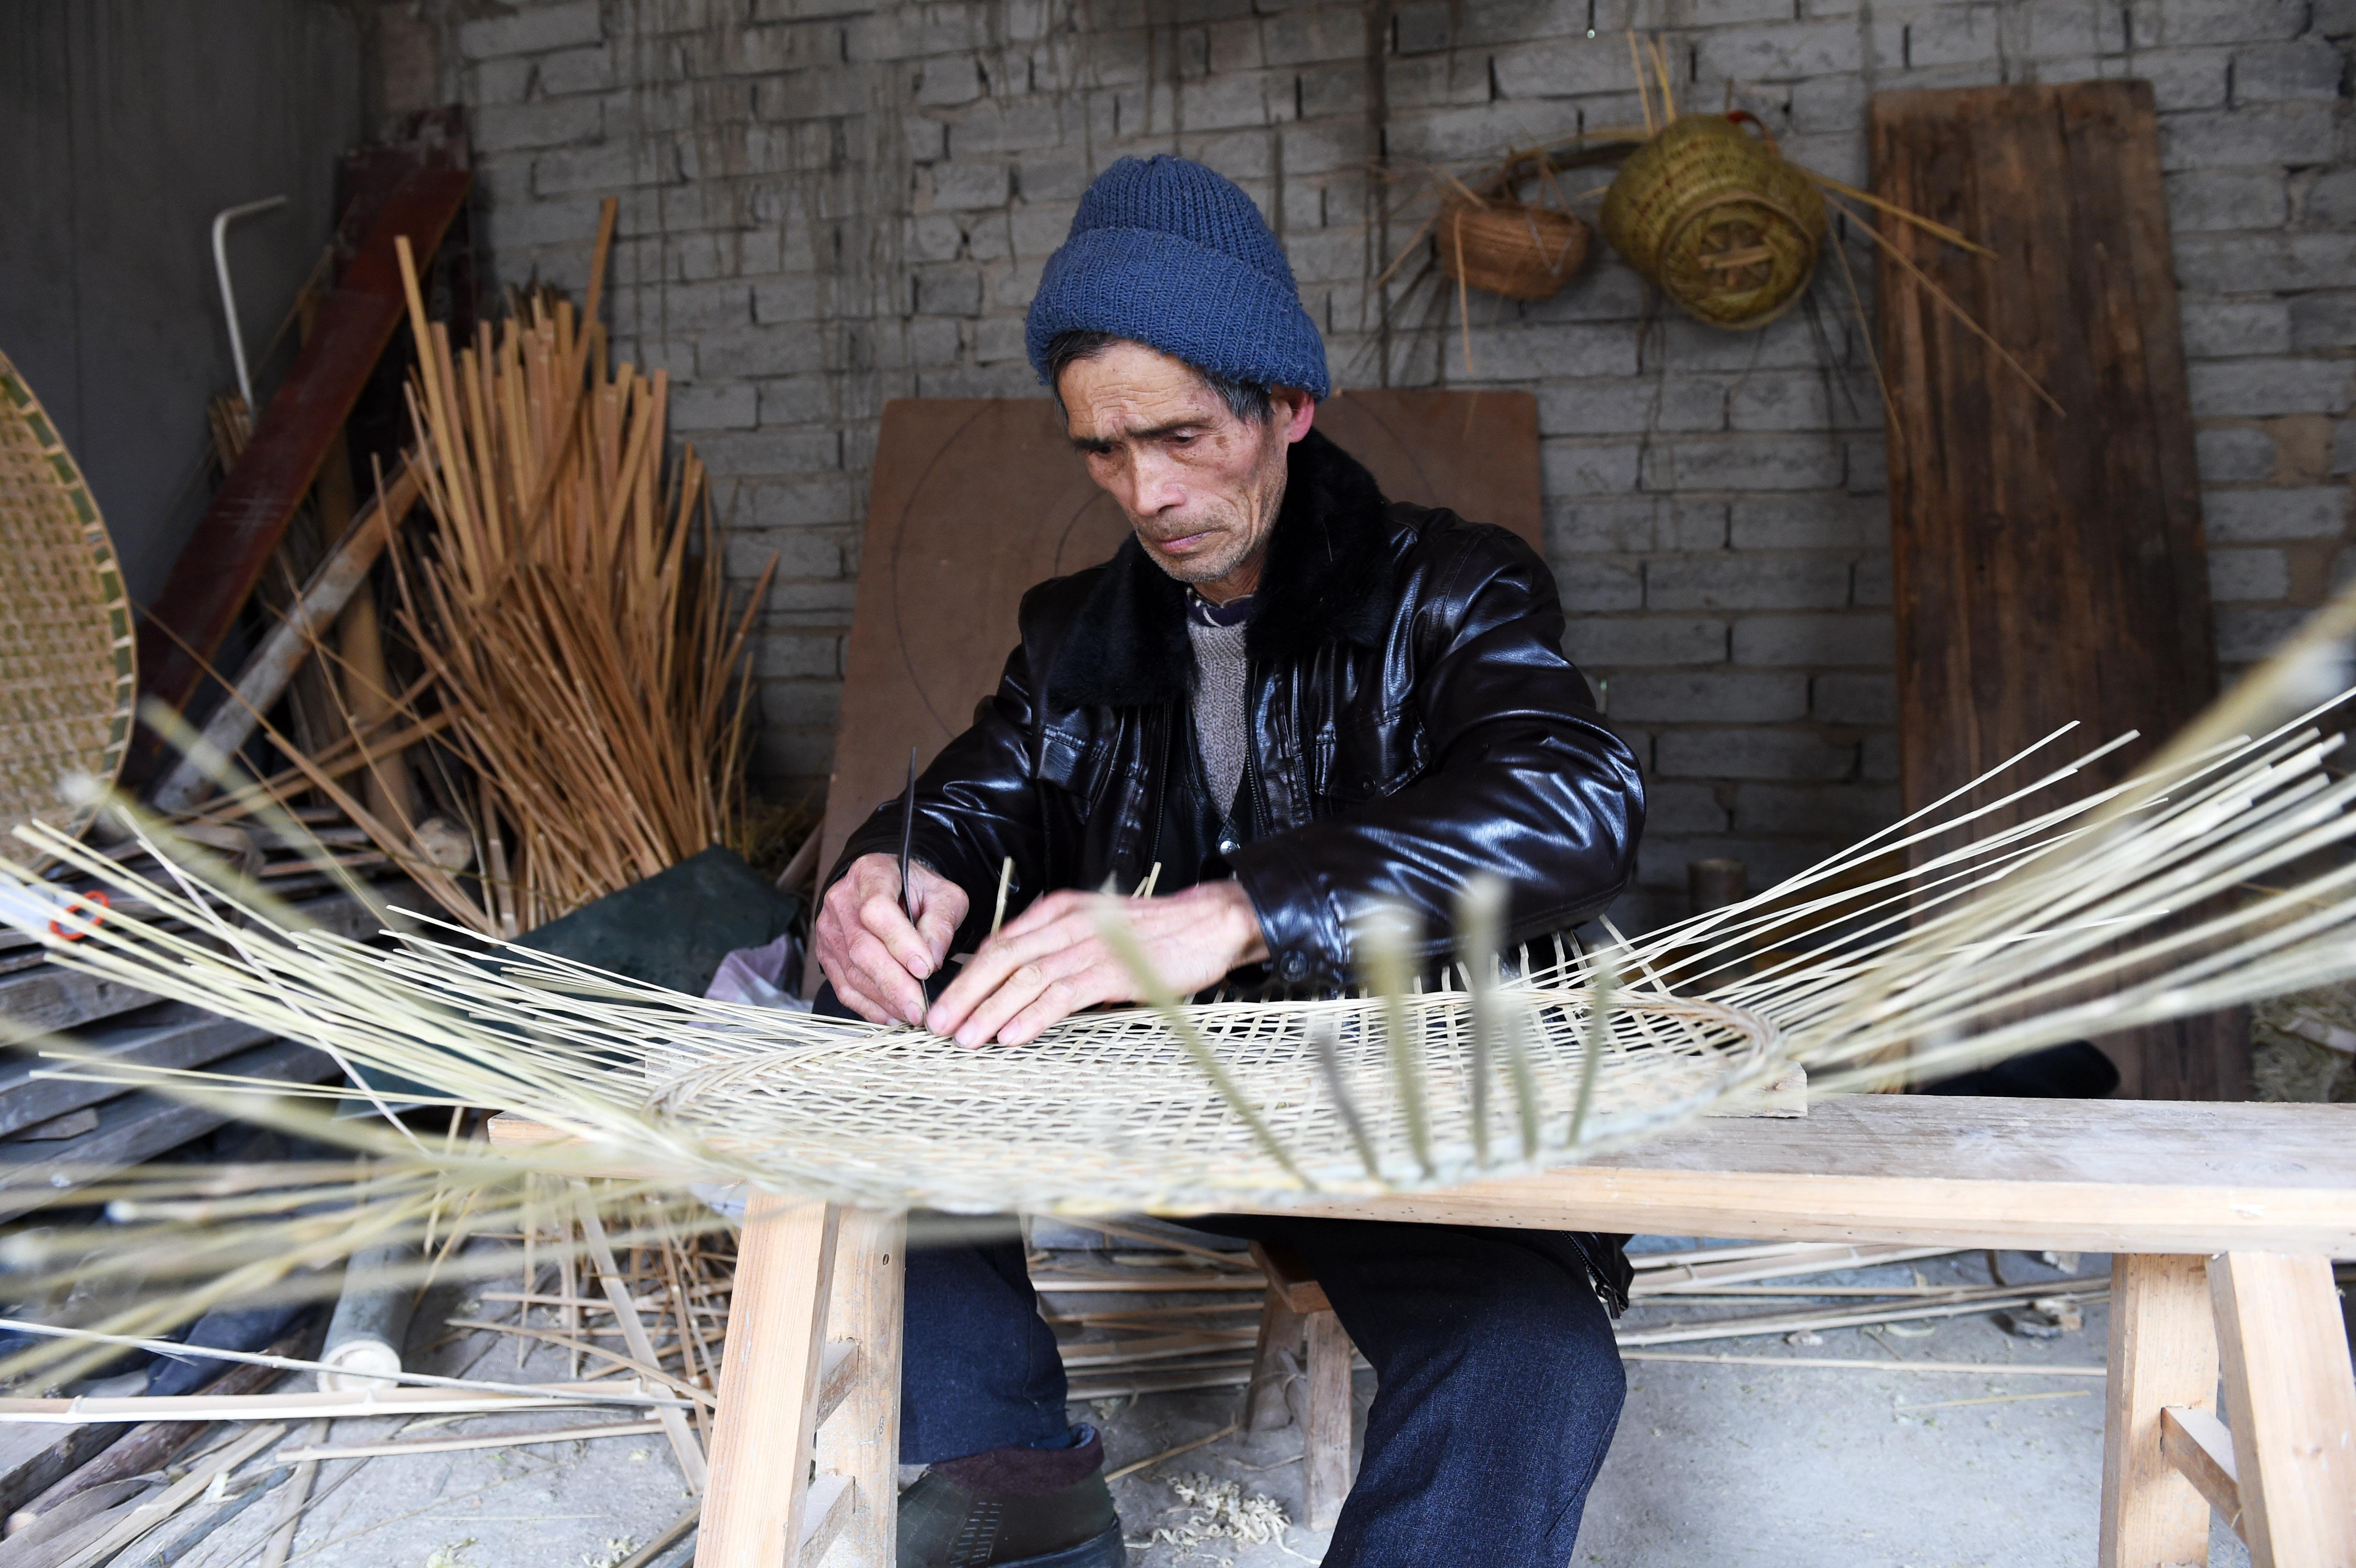 モウソウチクから生まれる商売のヒント 中国・安徽省